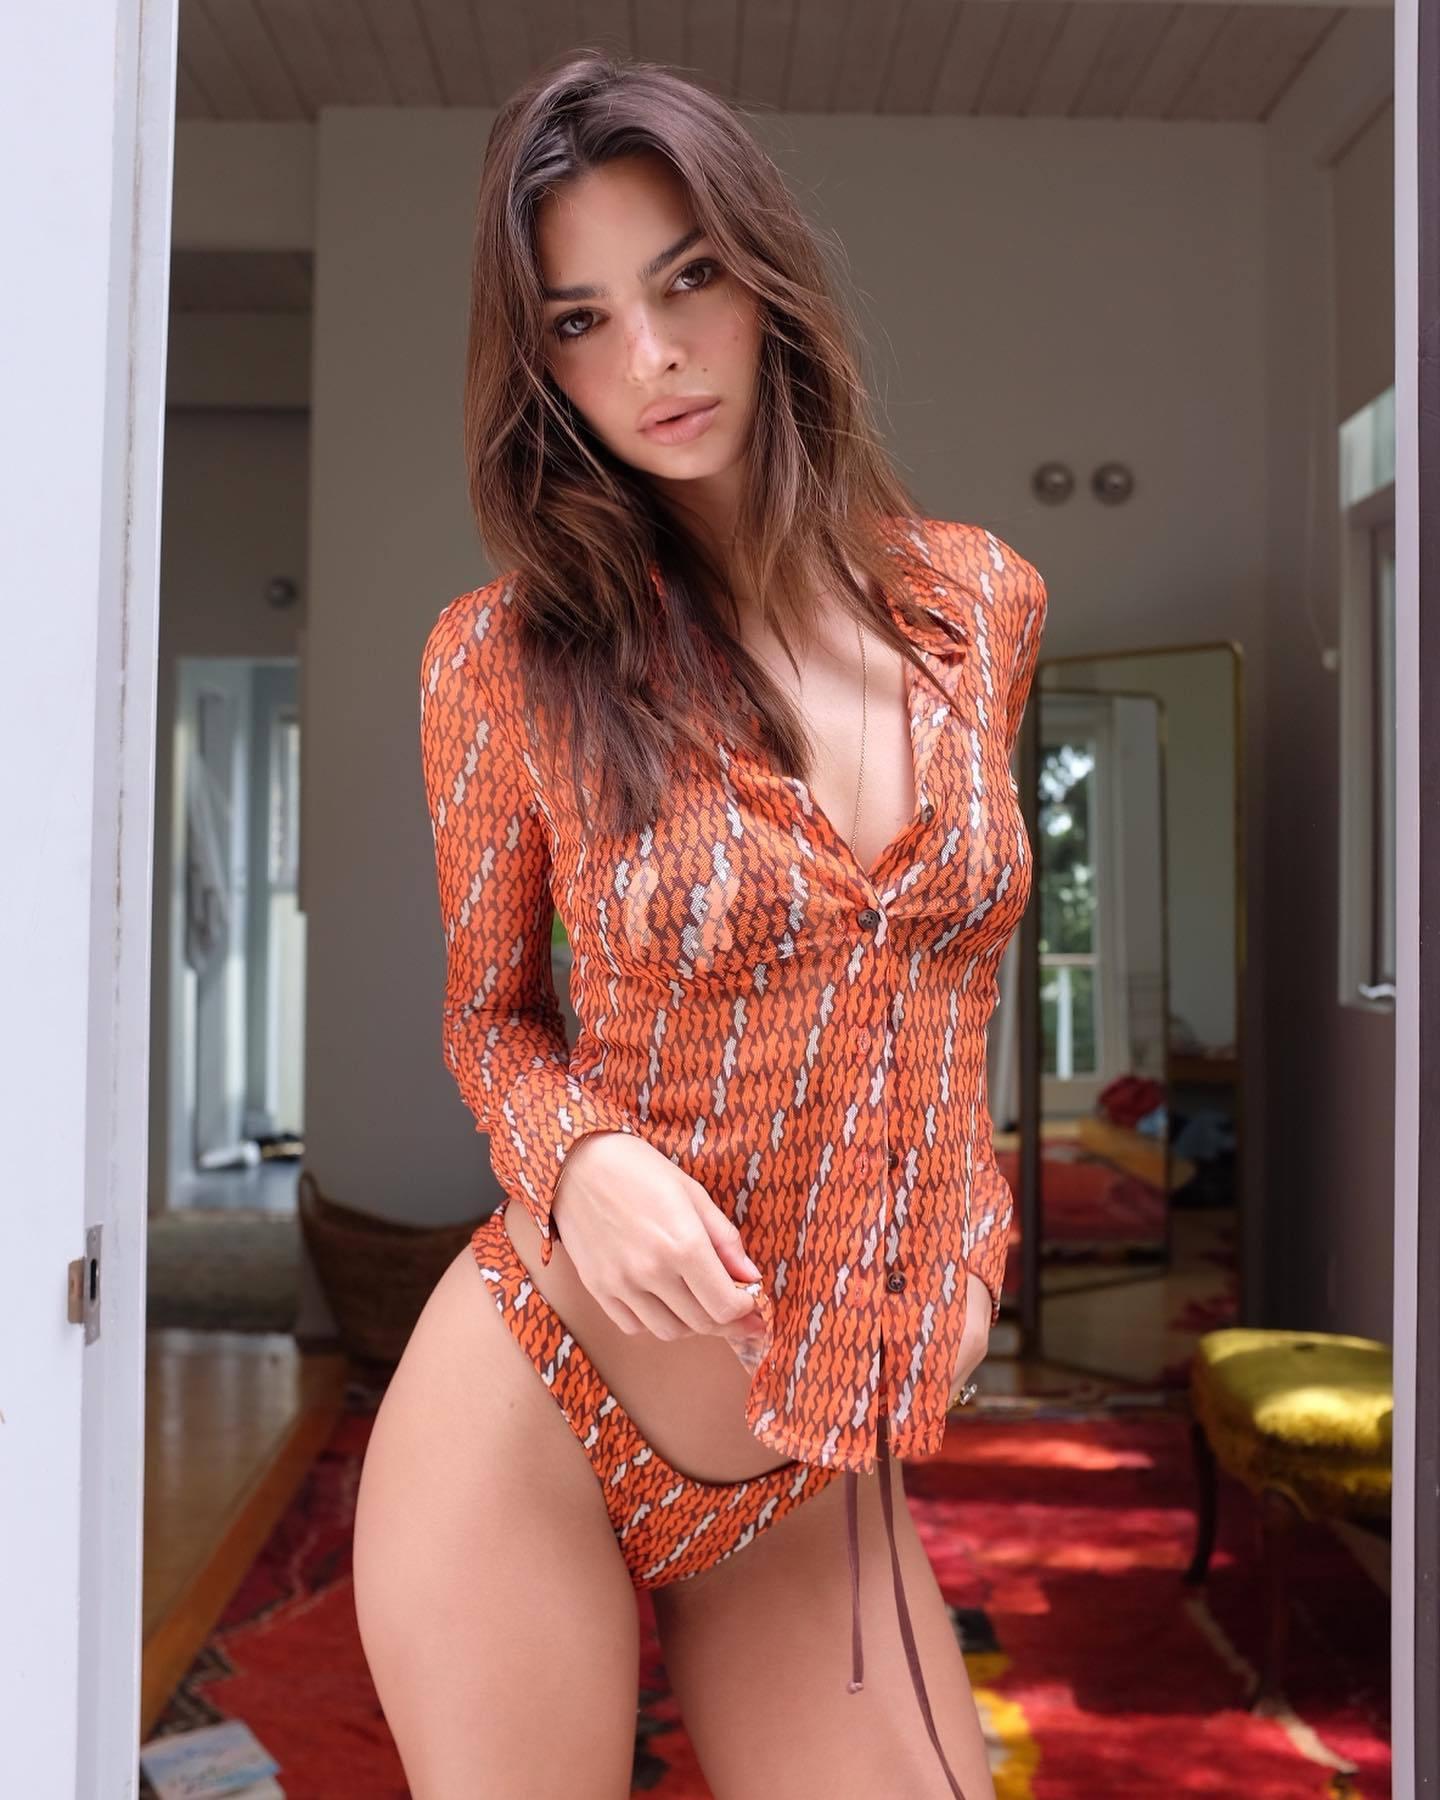 Emily Ratajkowski Perfect Body